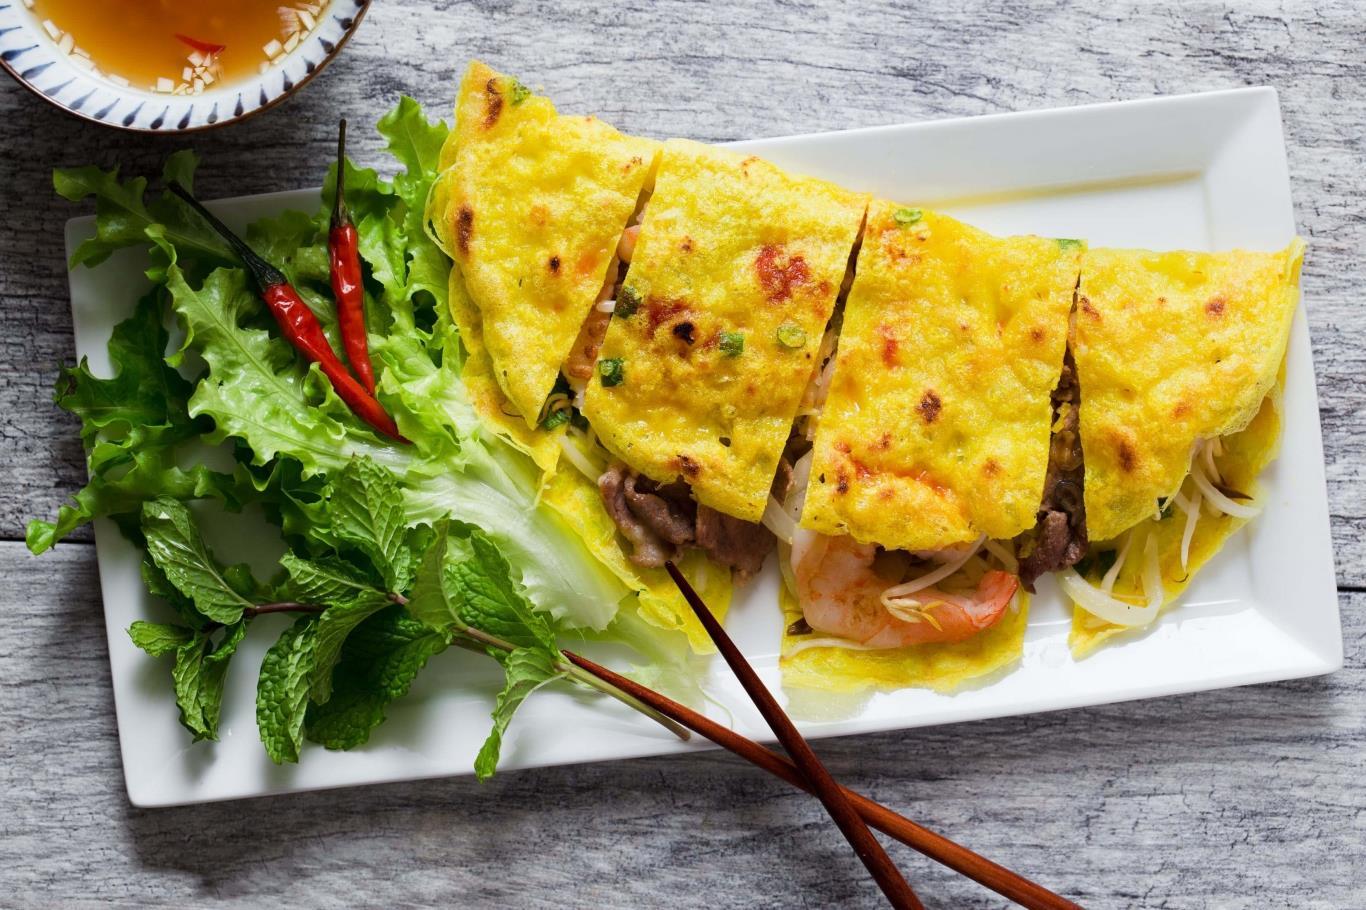 Ẩm thực Việt Nam, những đặc sản lấy lòng du khách thế giới